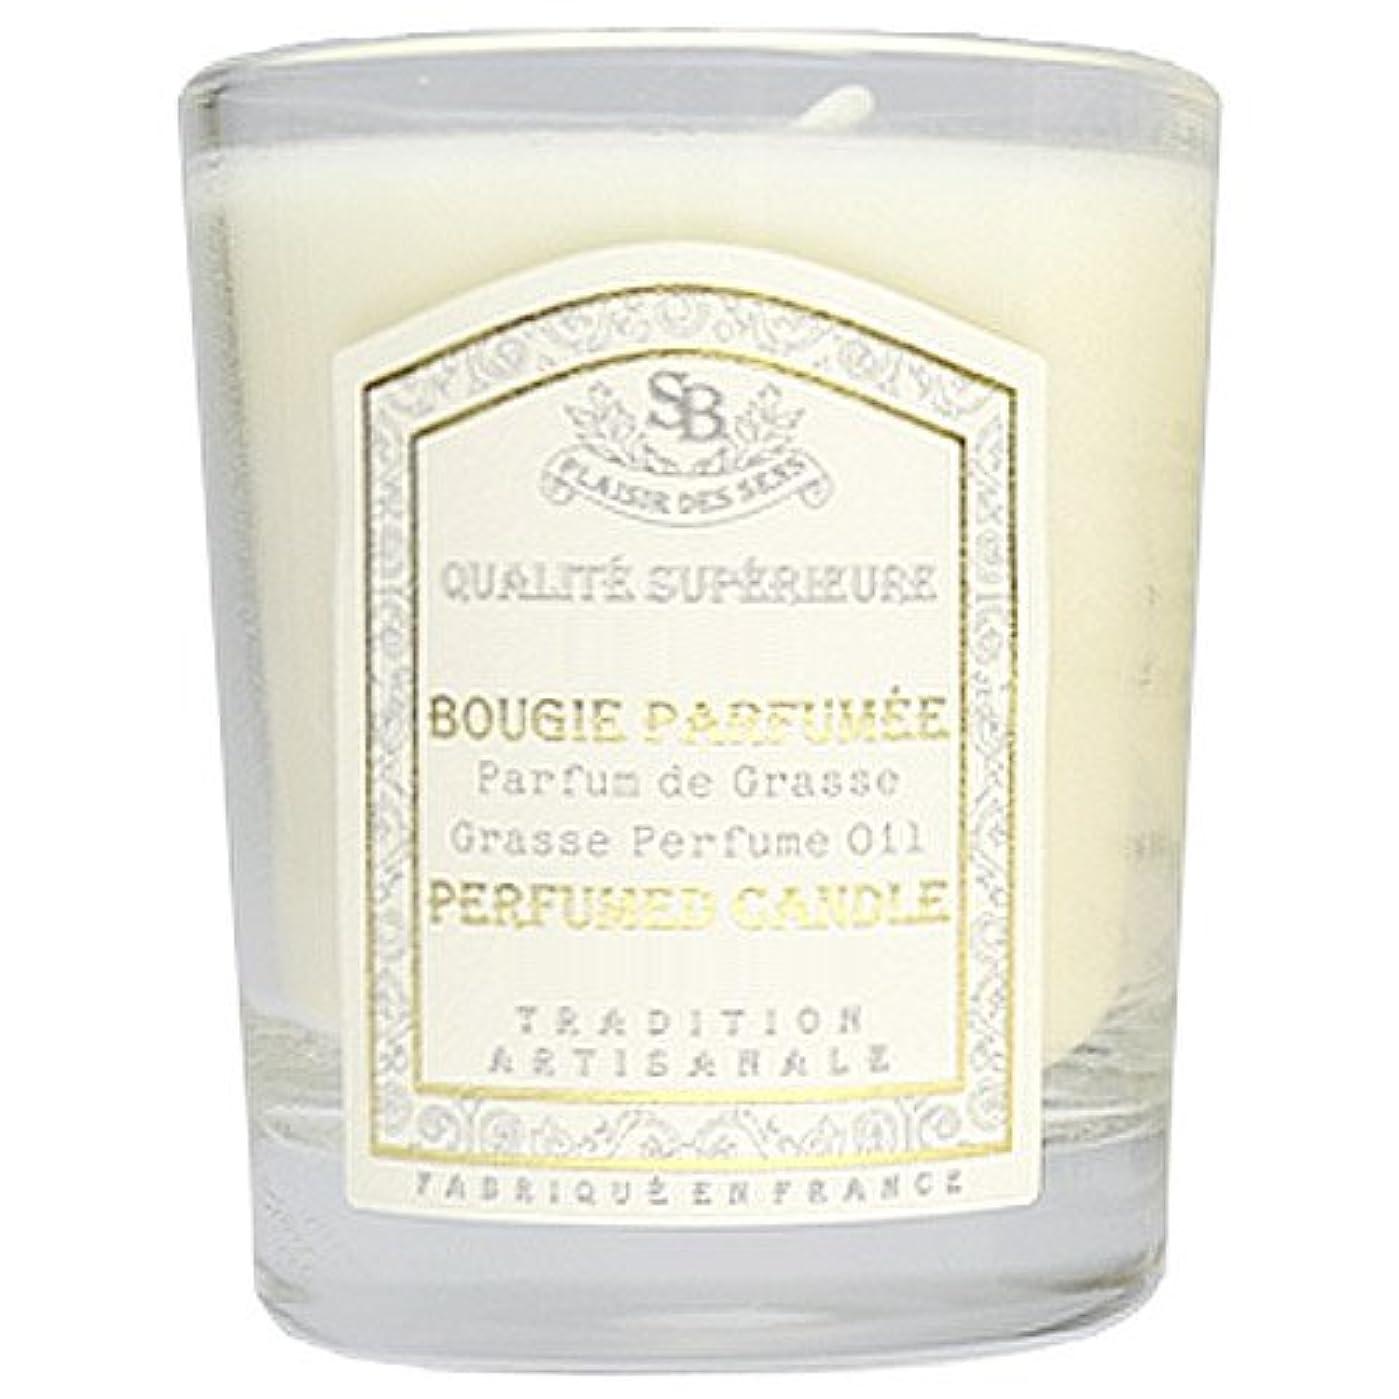 化合物多用途このSenteur et Beaute(サンタールエボーテ) フレンチクラシックシリーズ グラスキャンドル 90g 「コットンリネン」 4994228021984